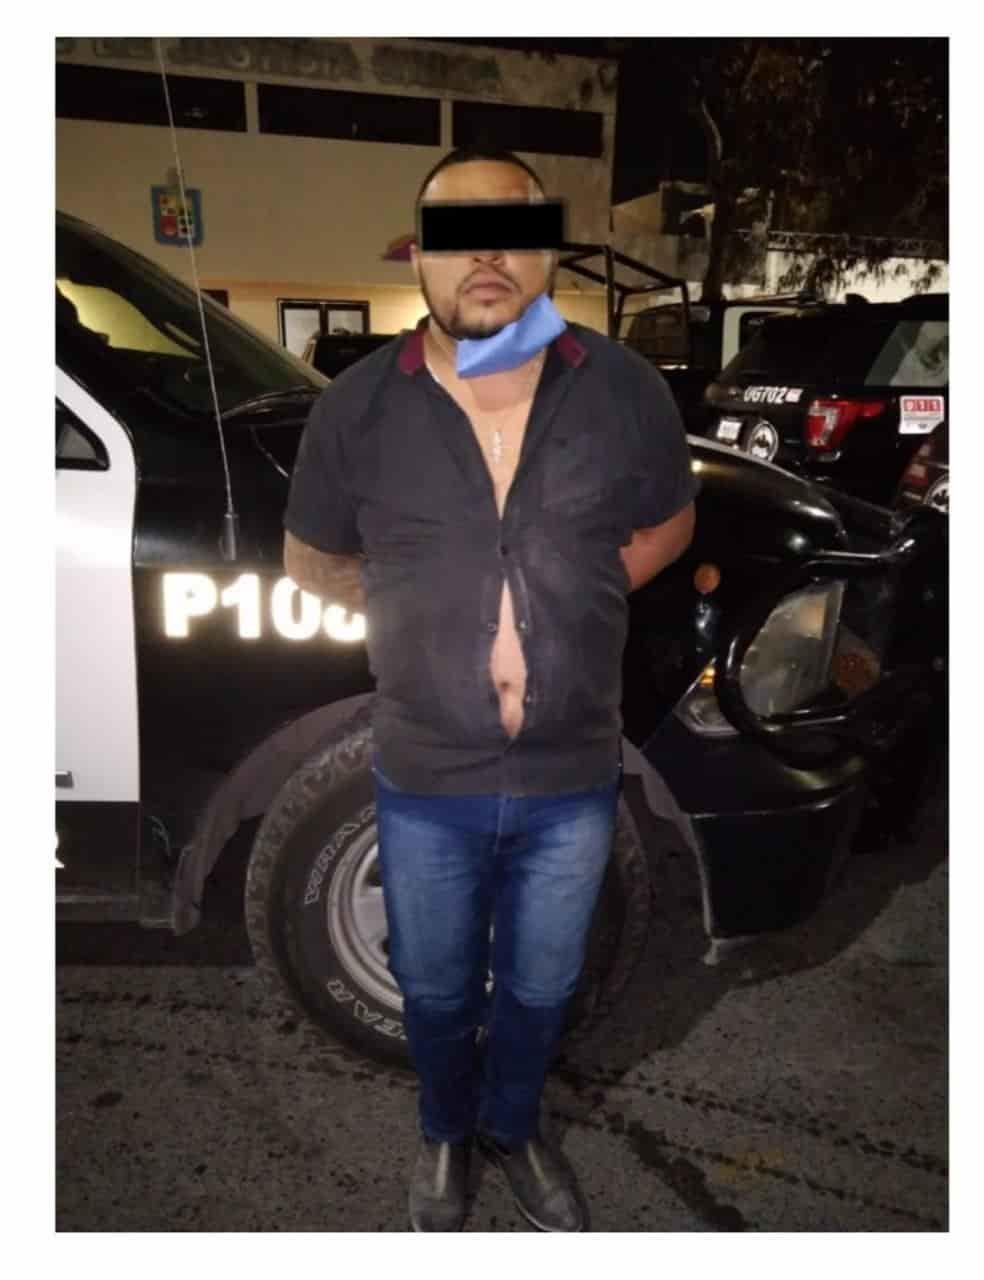 Dos menores y un adulto fueron baleados en la Colonia Cañada Blanca por un par de hombres